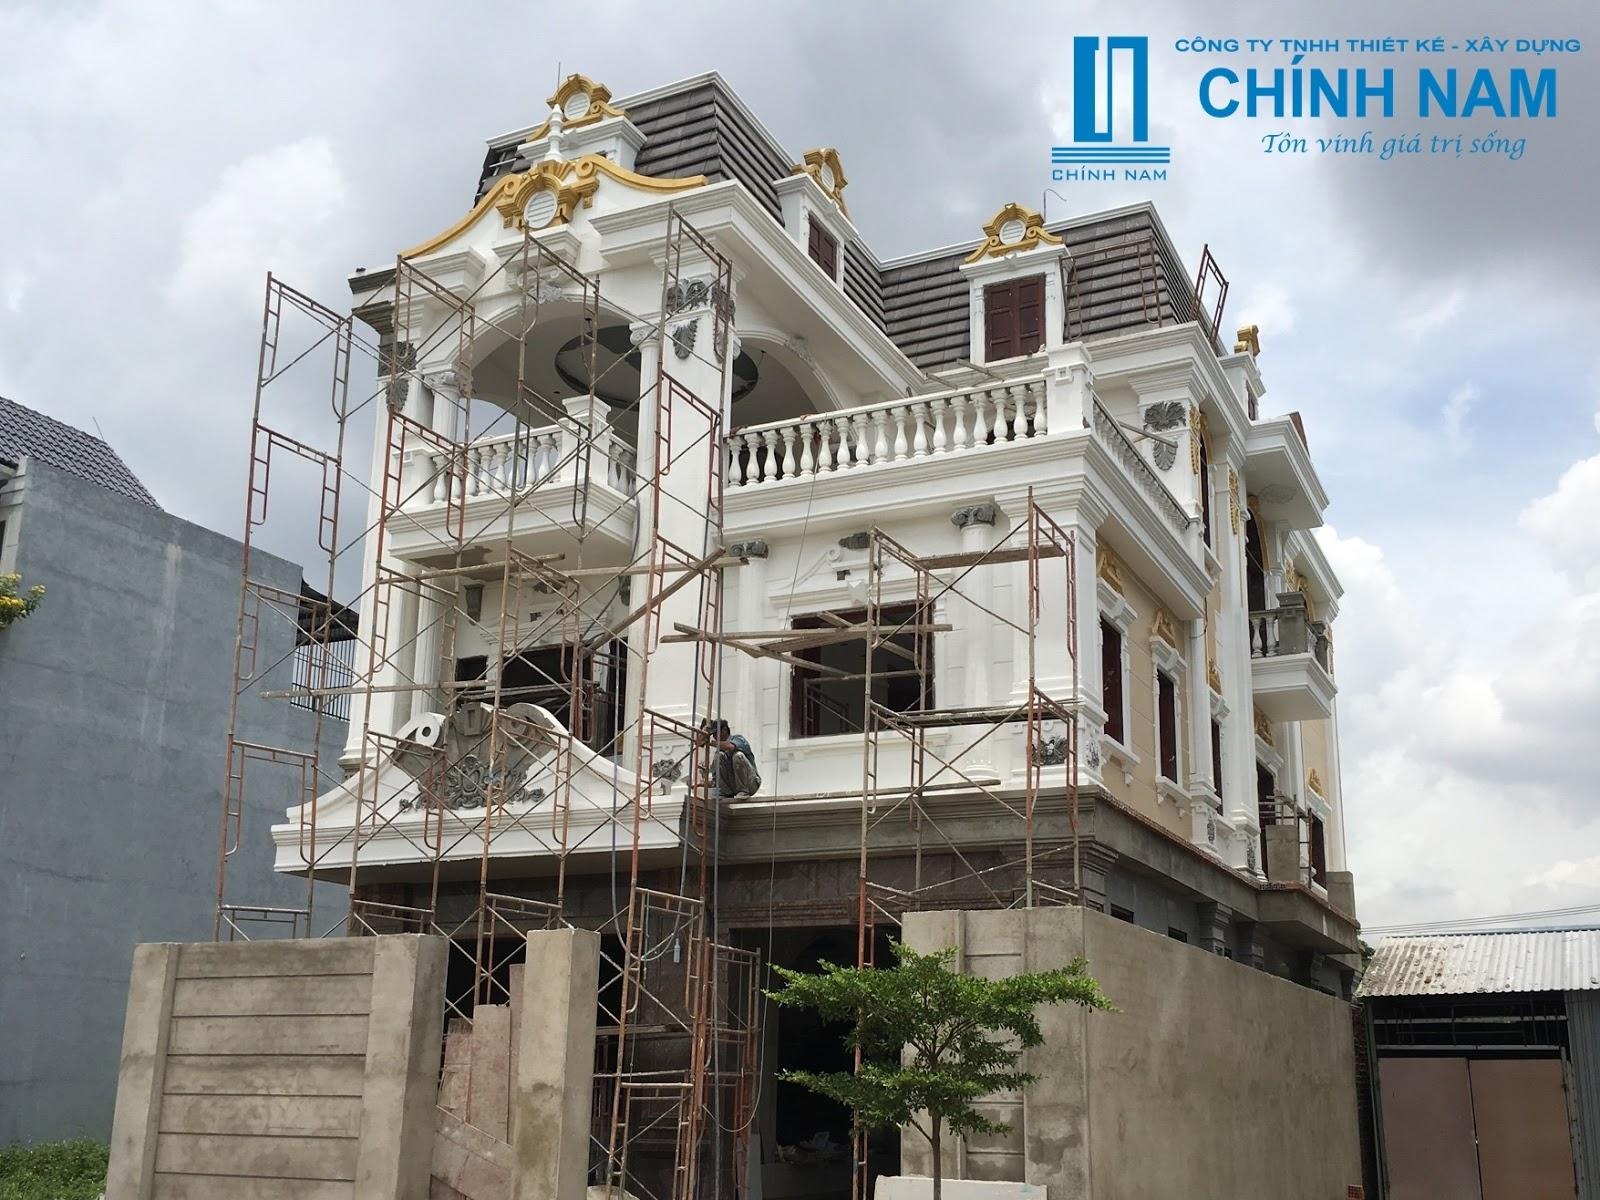 Thi công xây dựng nhà chú Thành ở Long Bình Tân - Biên Hoà - Đồng Nai